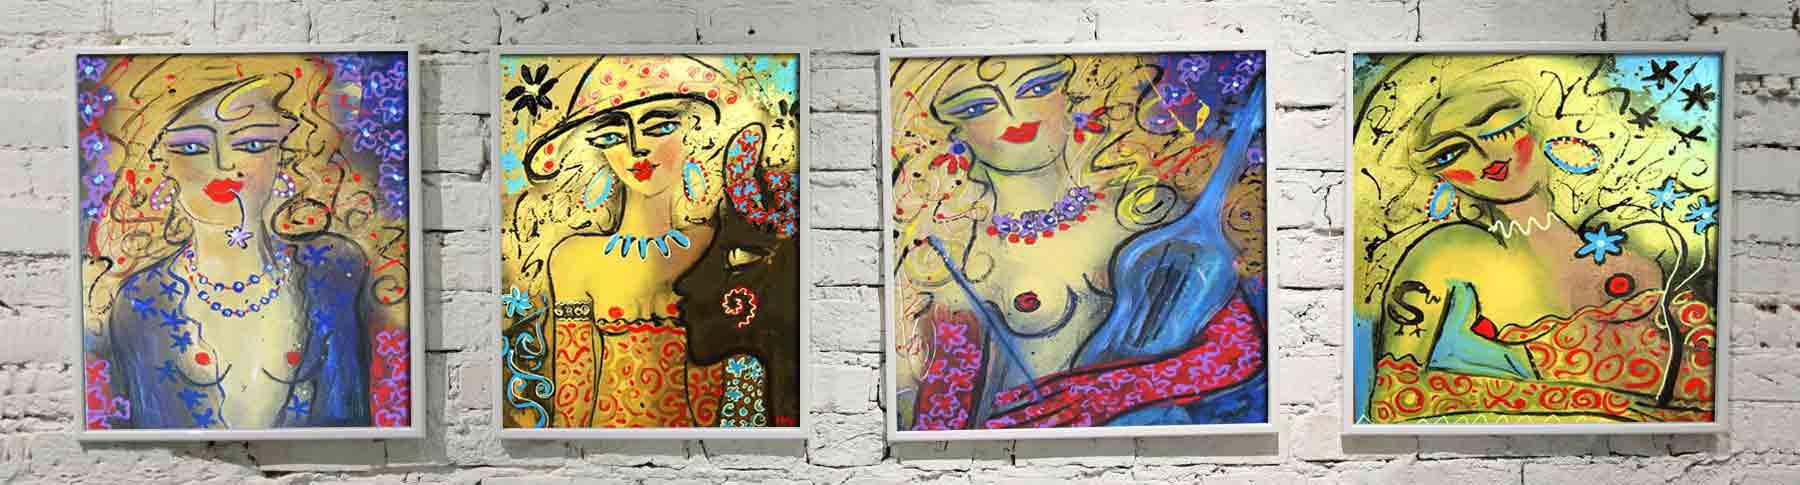 Frauen Gemälde kaufen